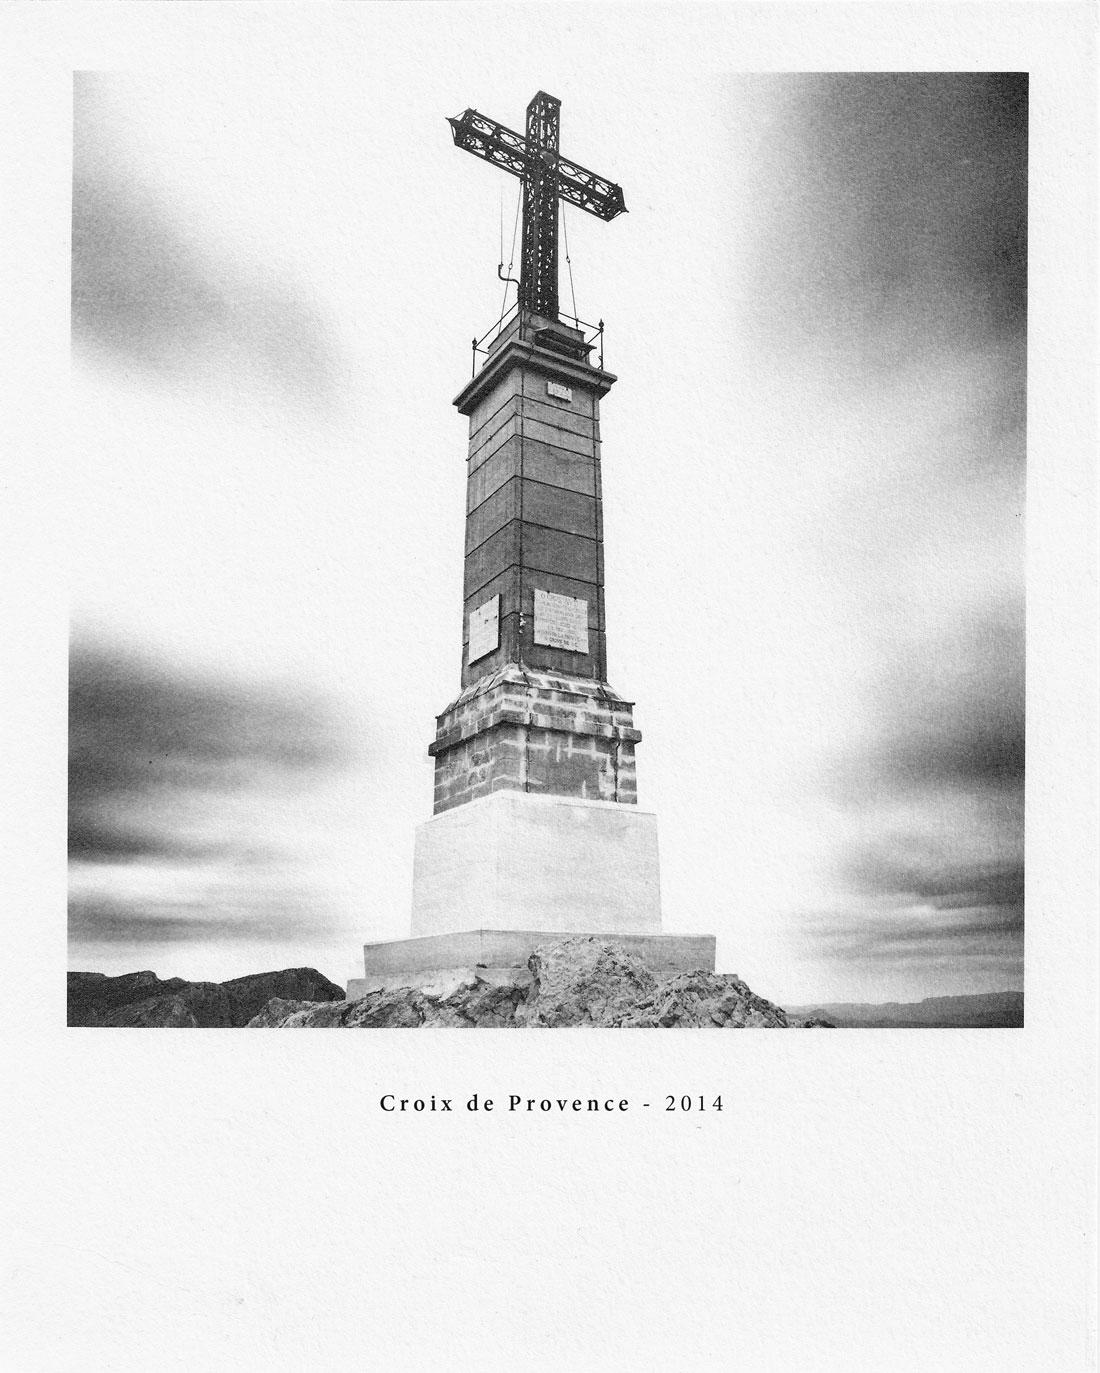 21-Croix-de-Provence-2